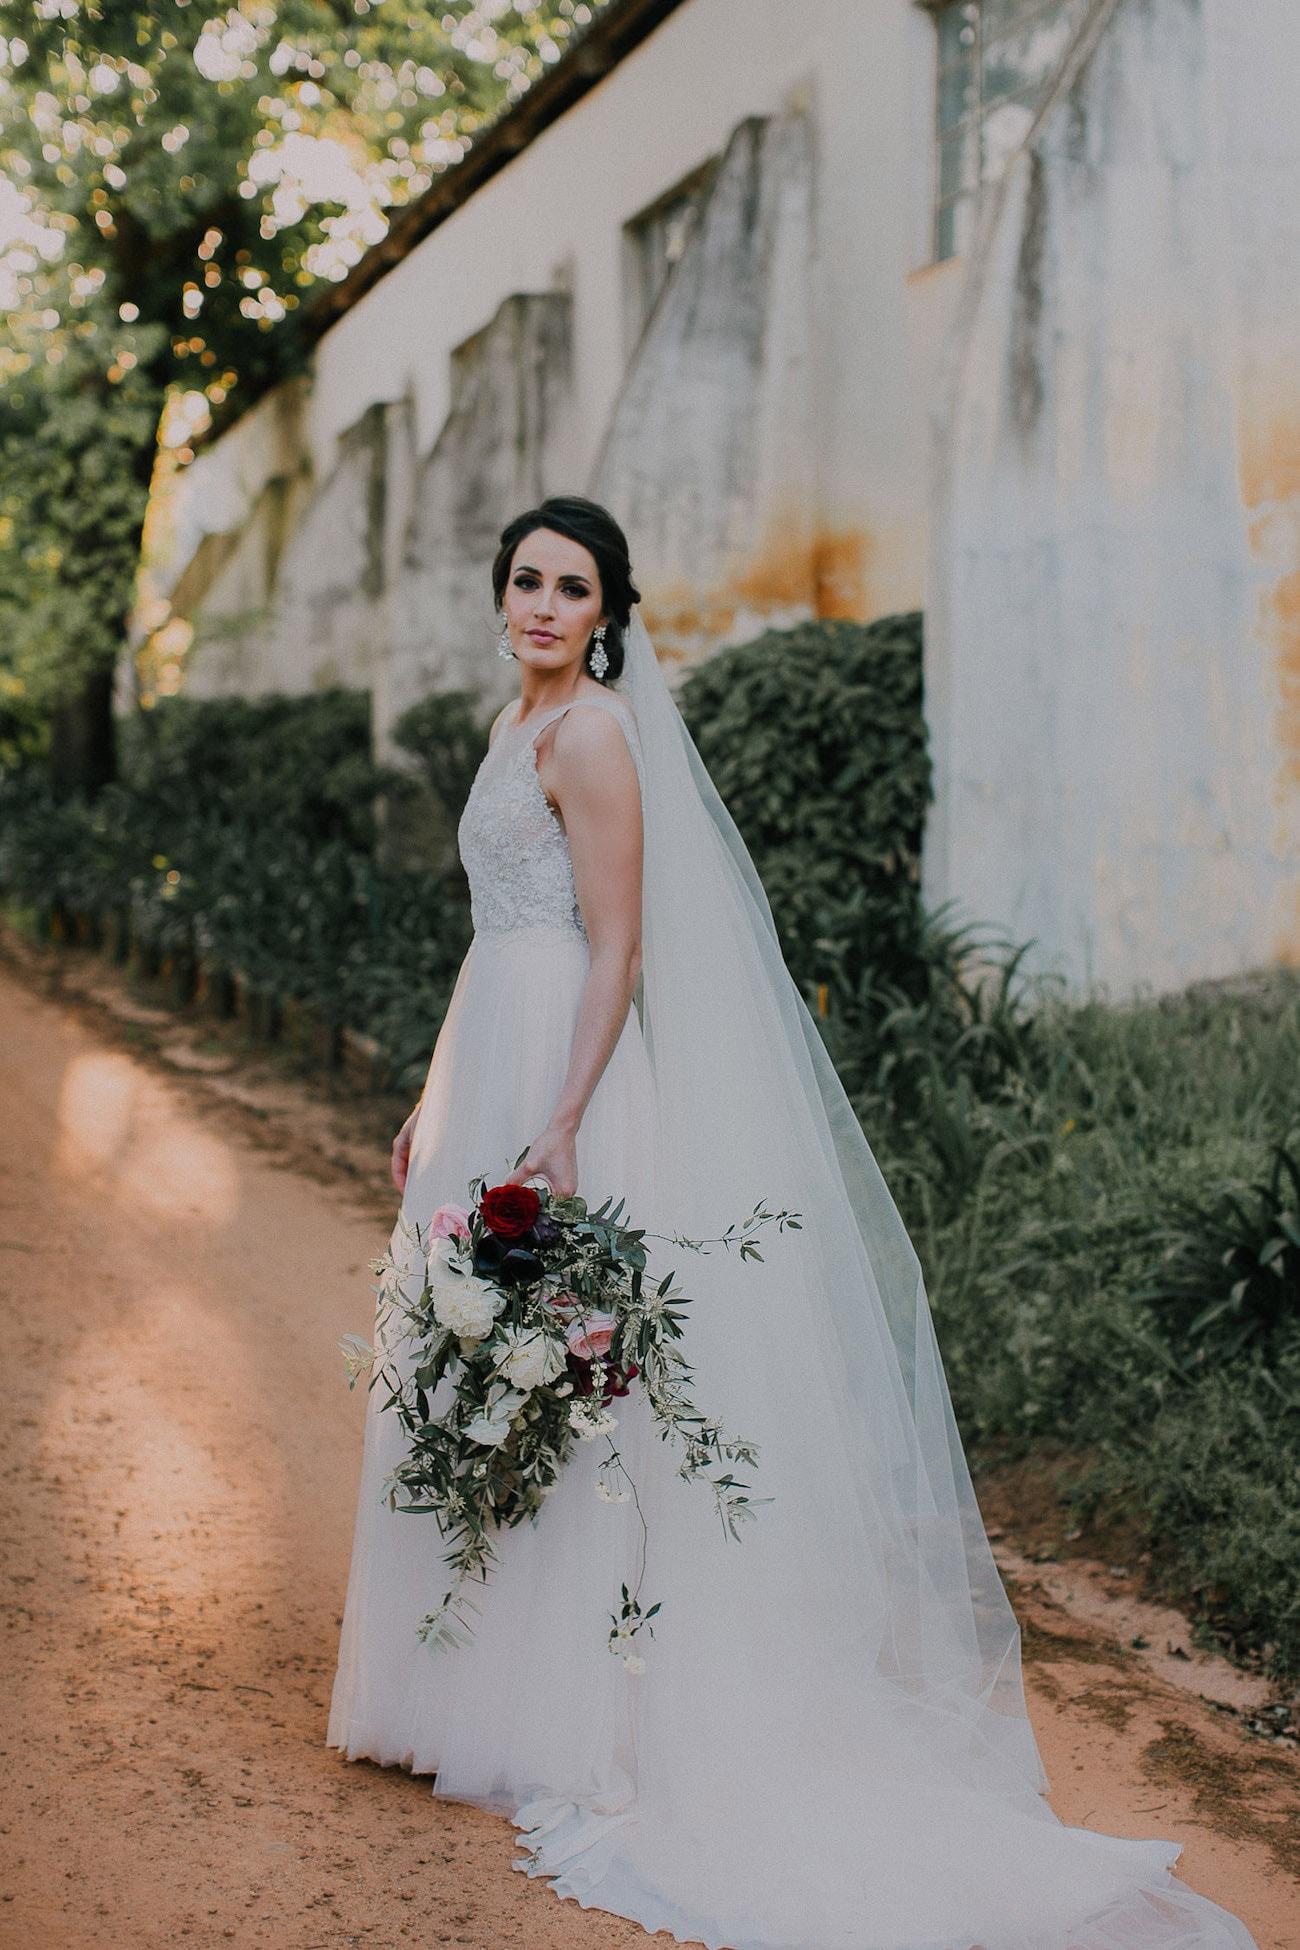 Elegant Bride | Image: Michelle du Toit